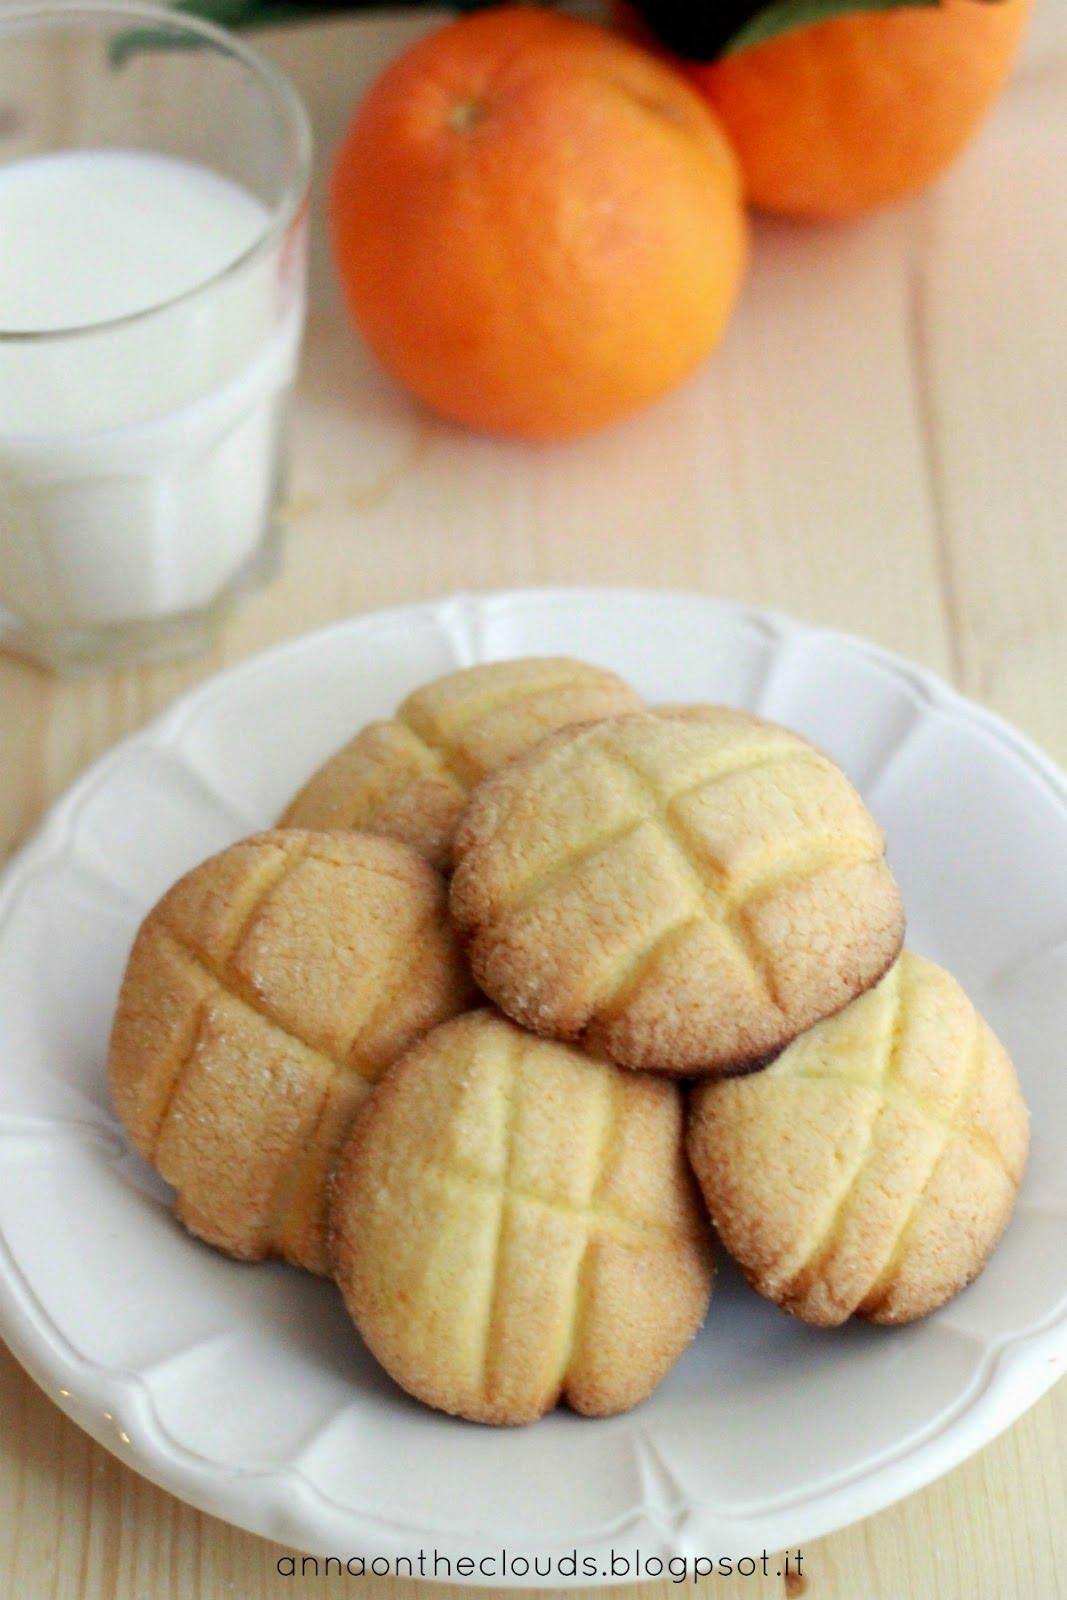 Biscotti al burro al profumo di arancia